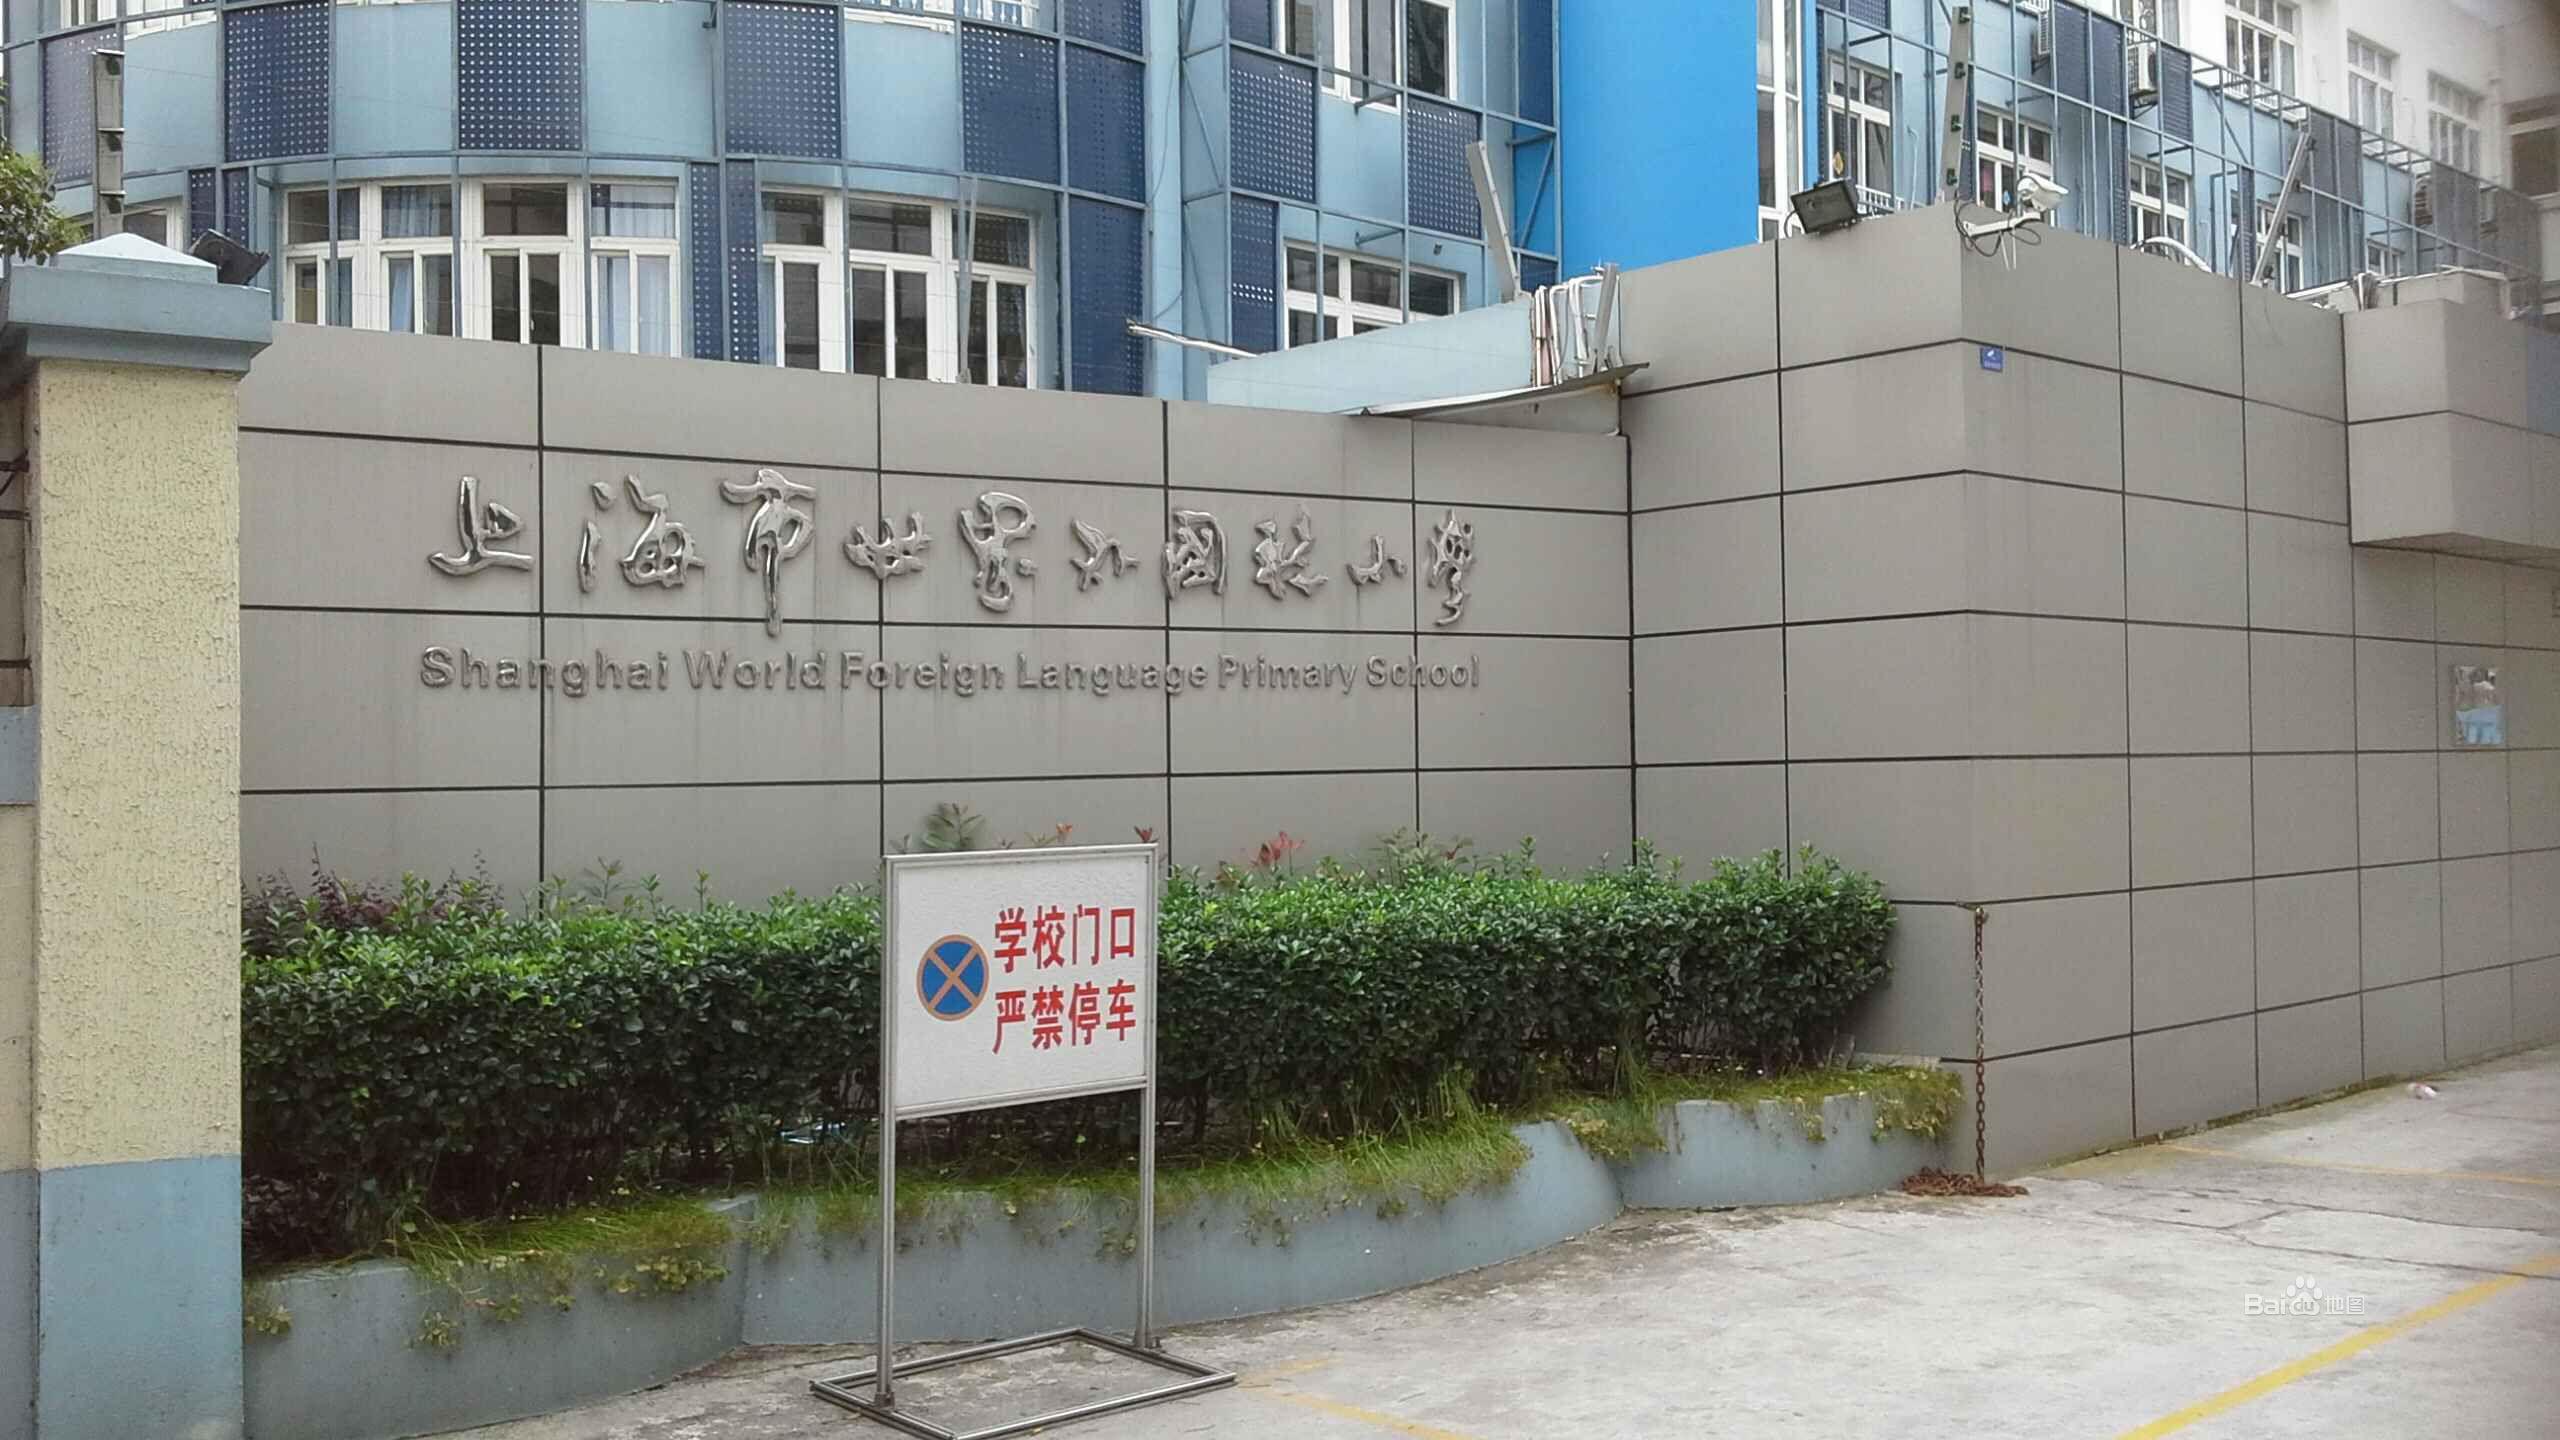 上海世界外国语小学图片